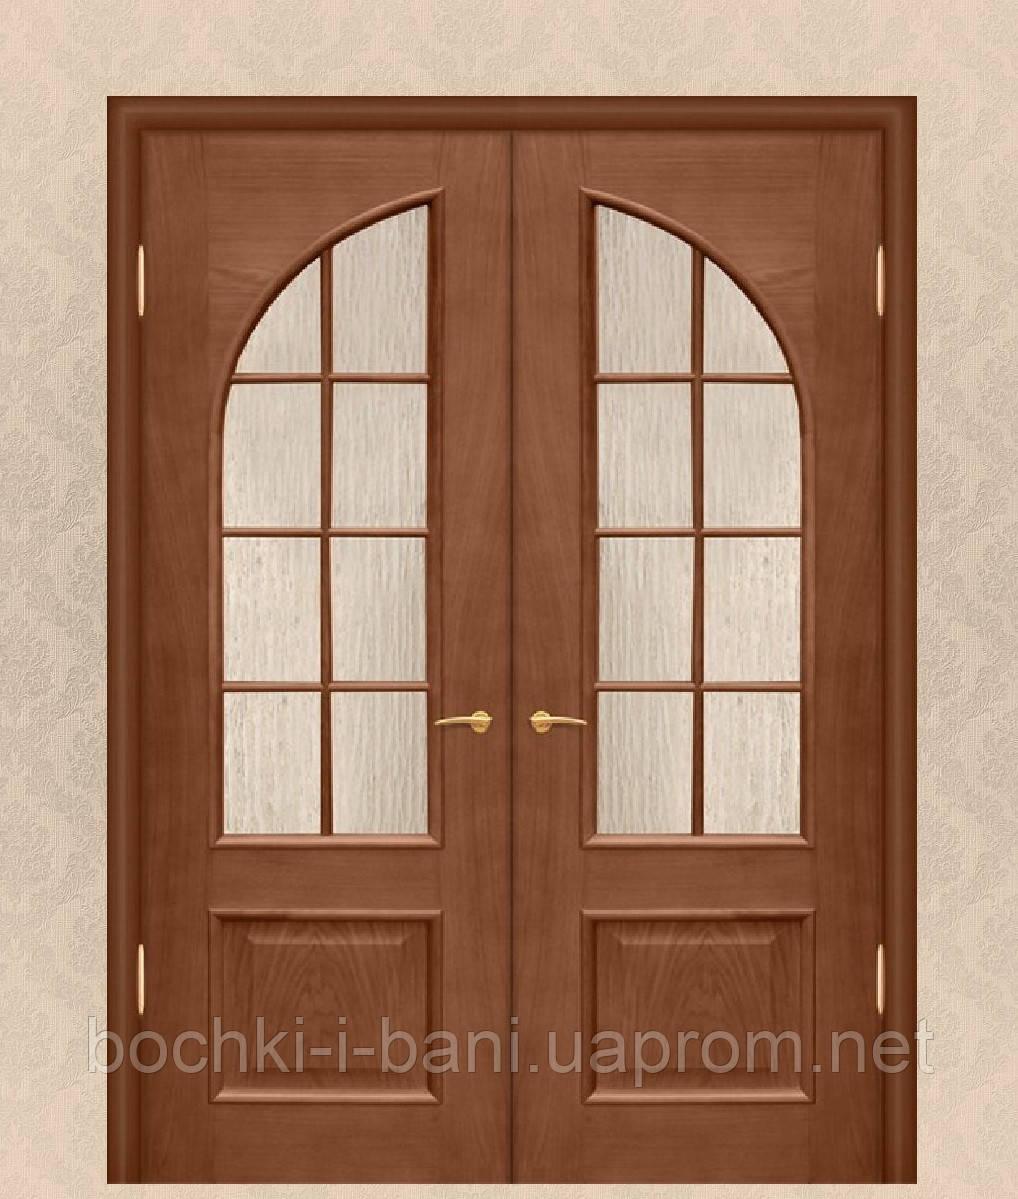 Двери двойные межкомнатные из массива ольхи